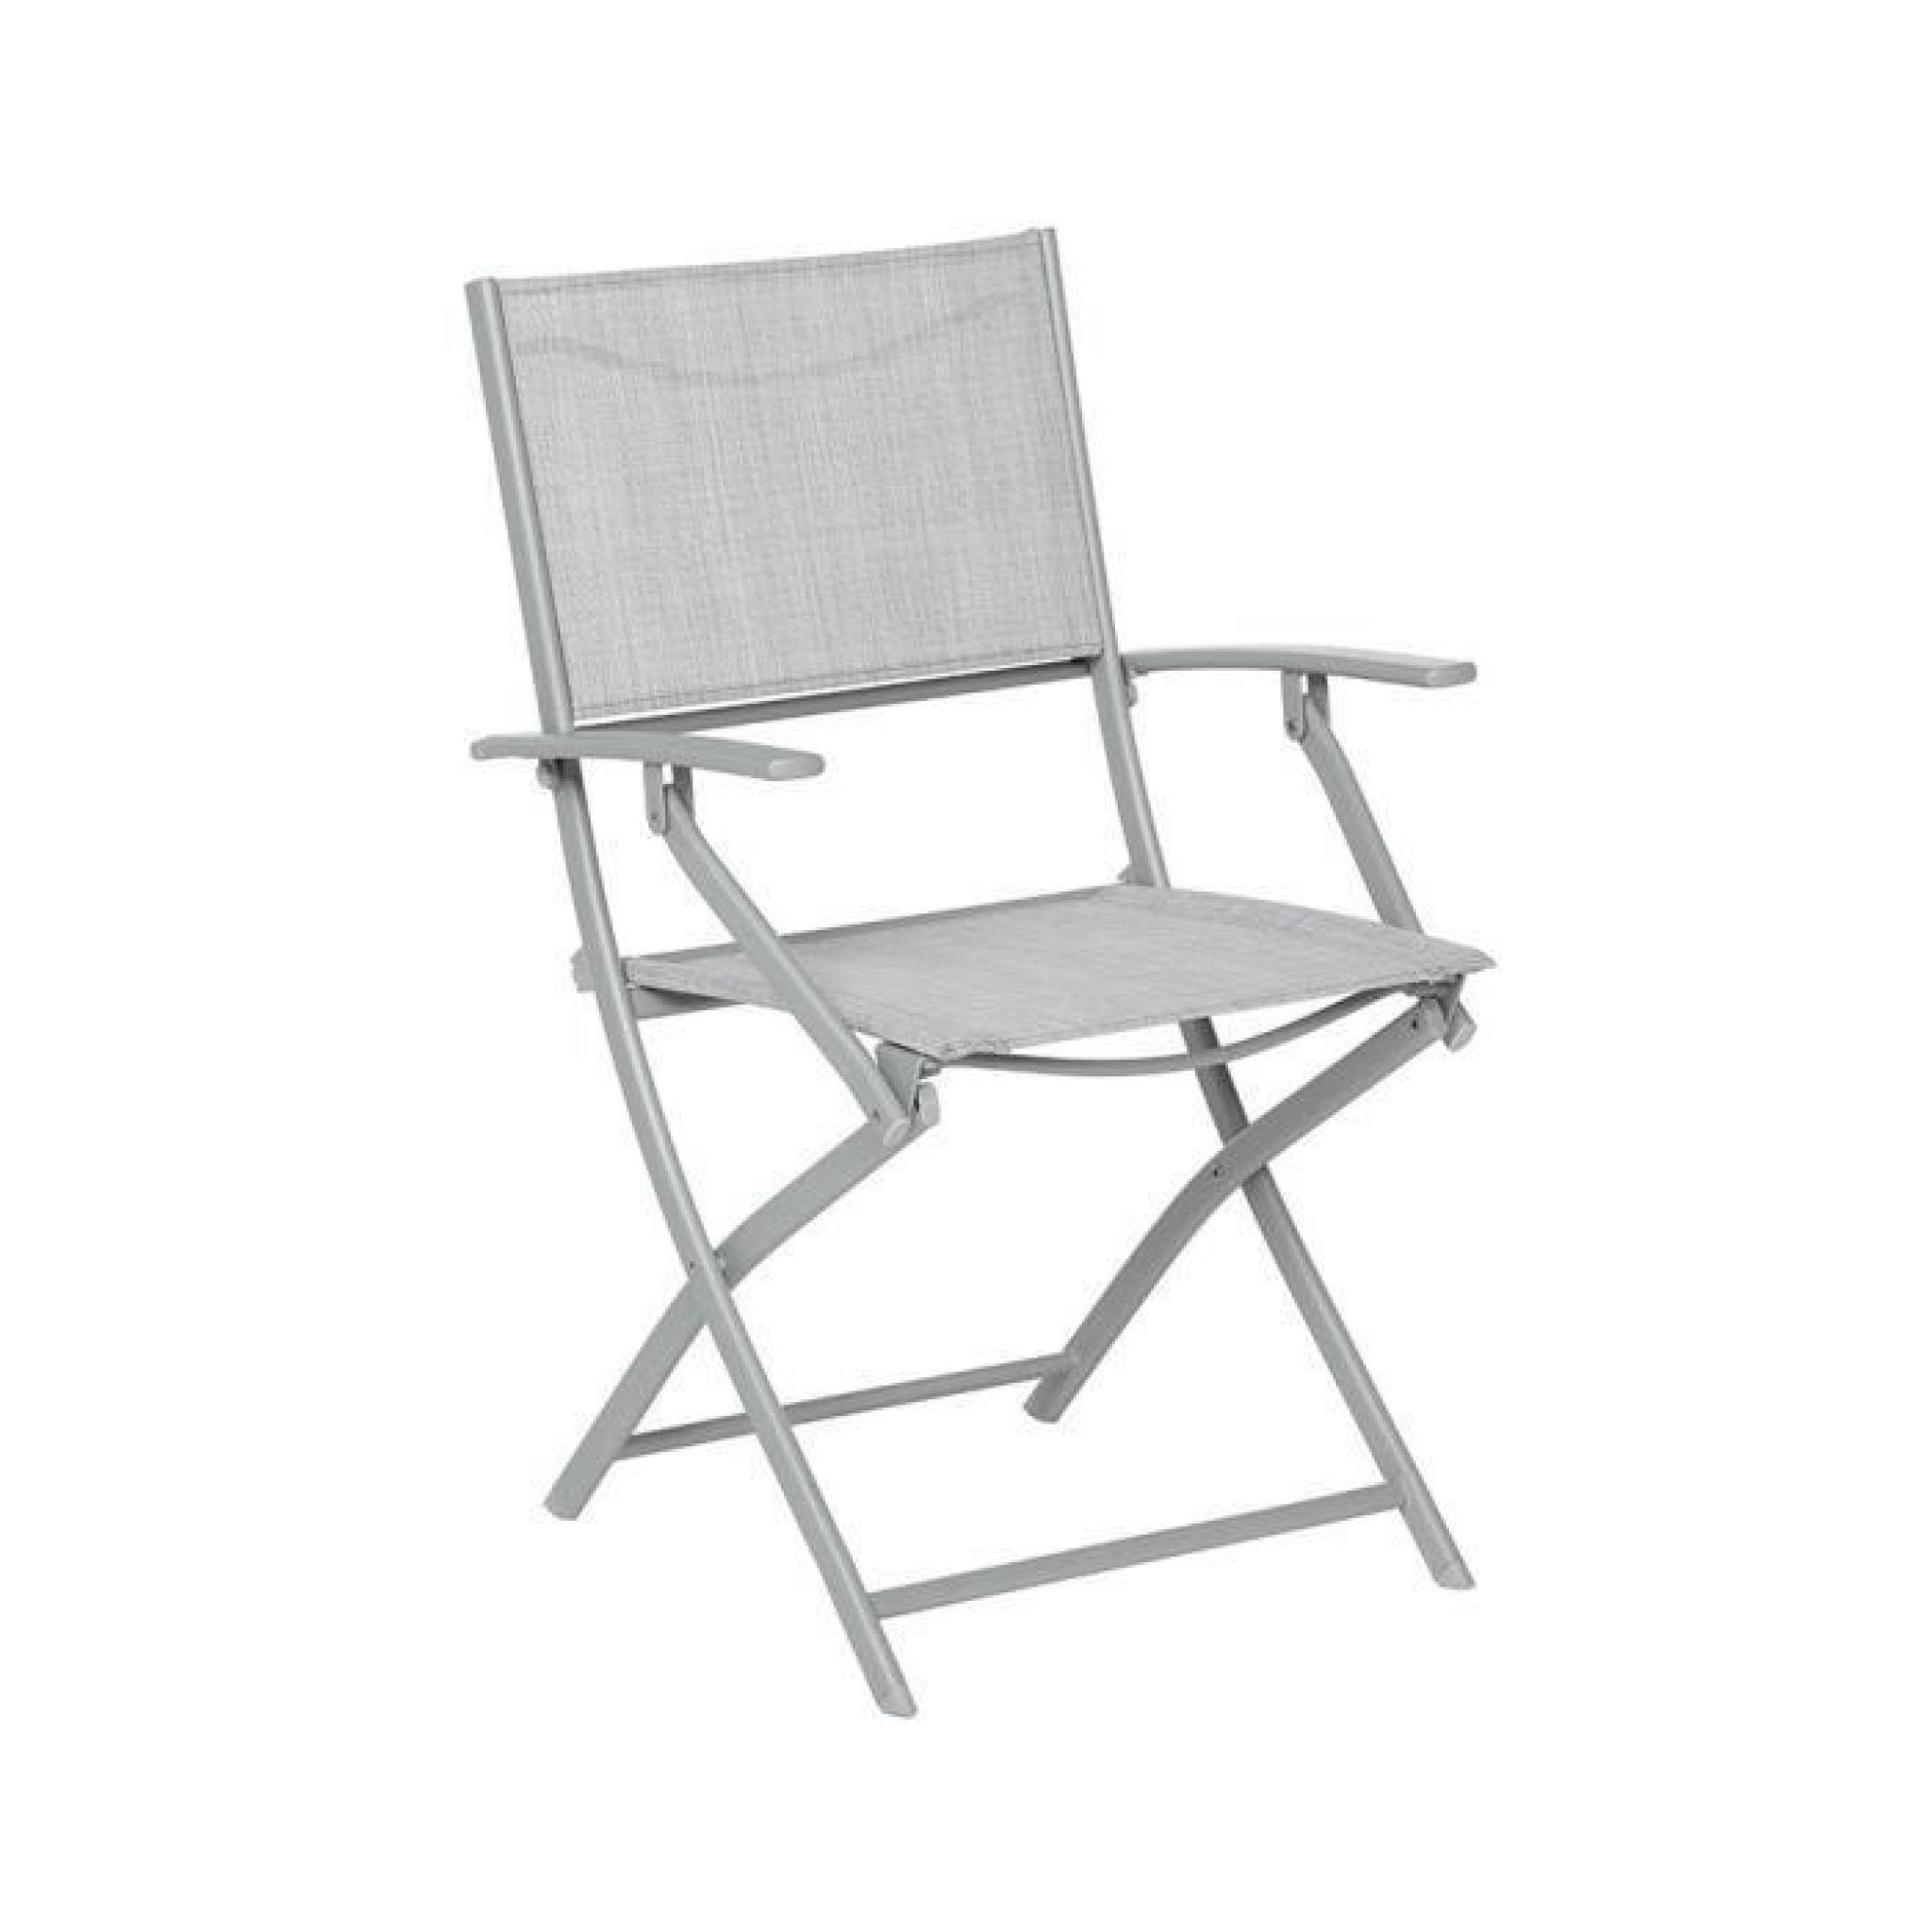 fauteuil pliant hesp ride modula galet chin silver mat achat vente fauteuil de jardin pliant. Black Bedroom Furniture Sets. Home Design Ideas